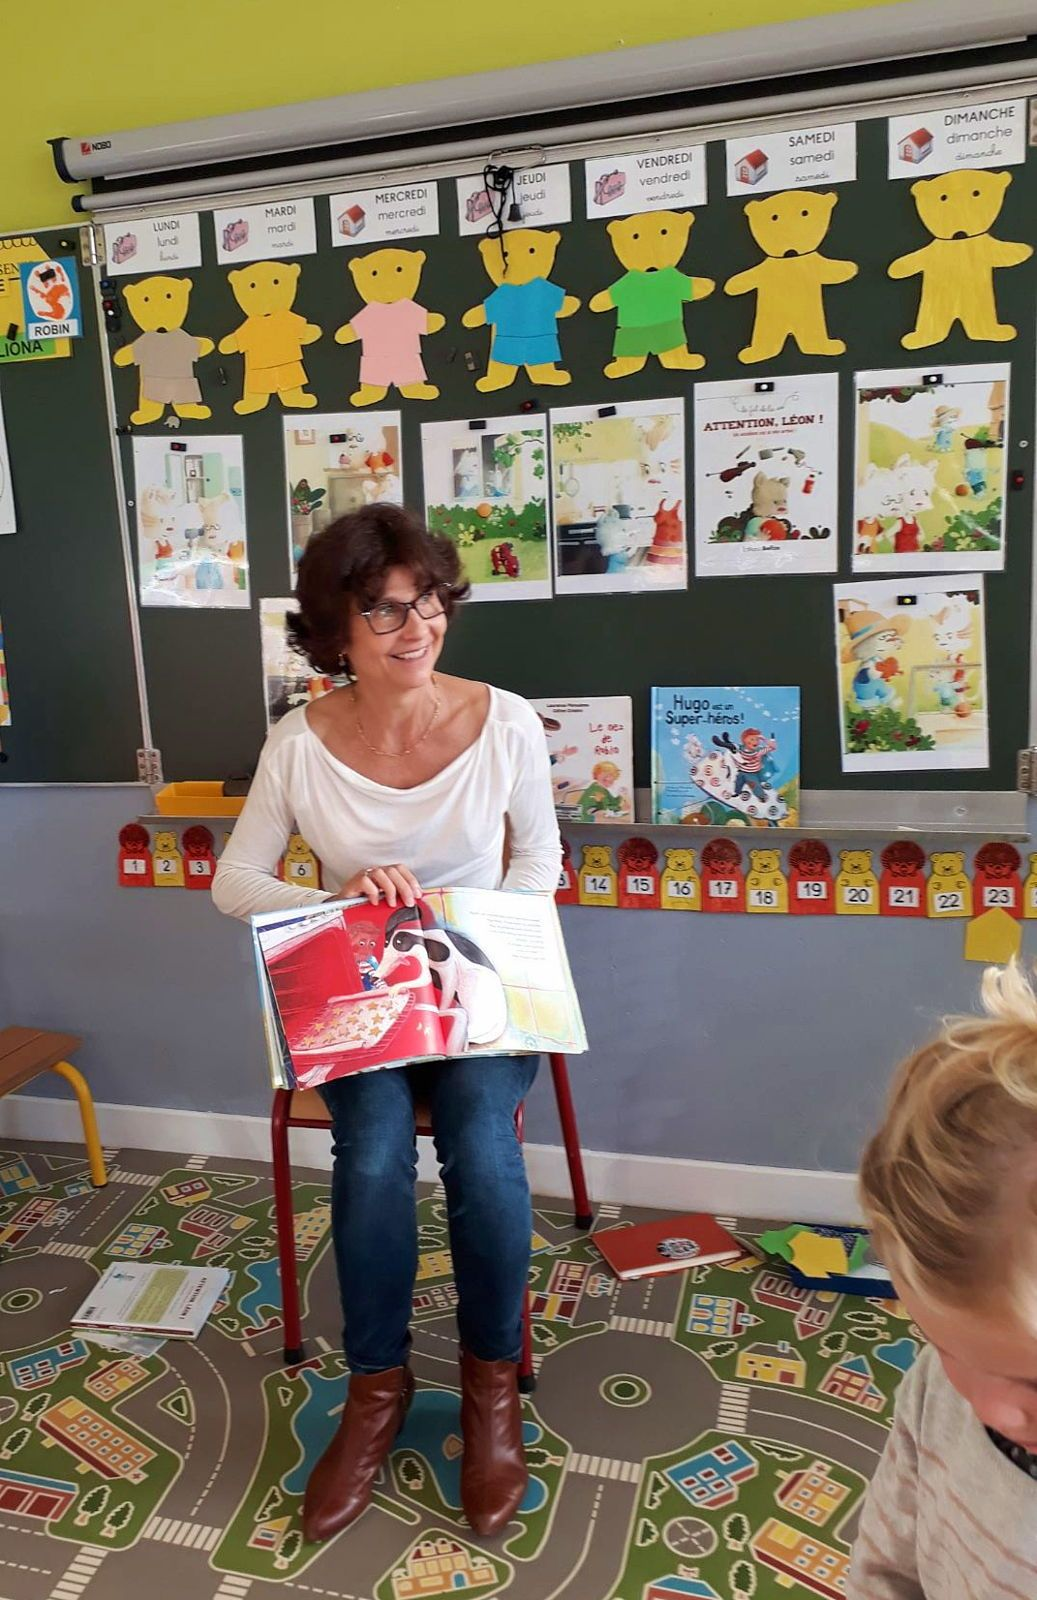 Propose interventions dans les écoles sur les accidents domestiques